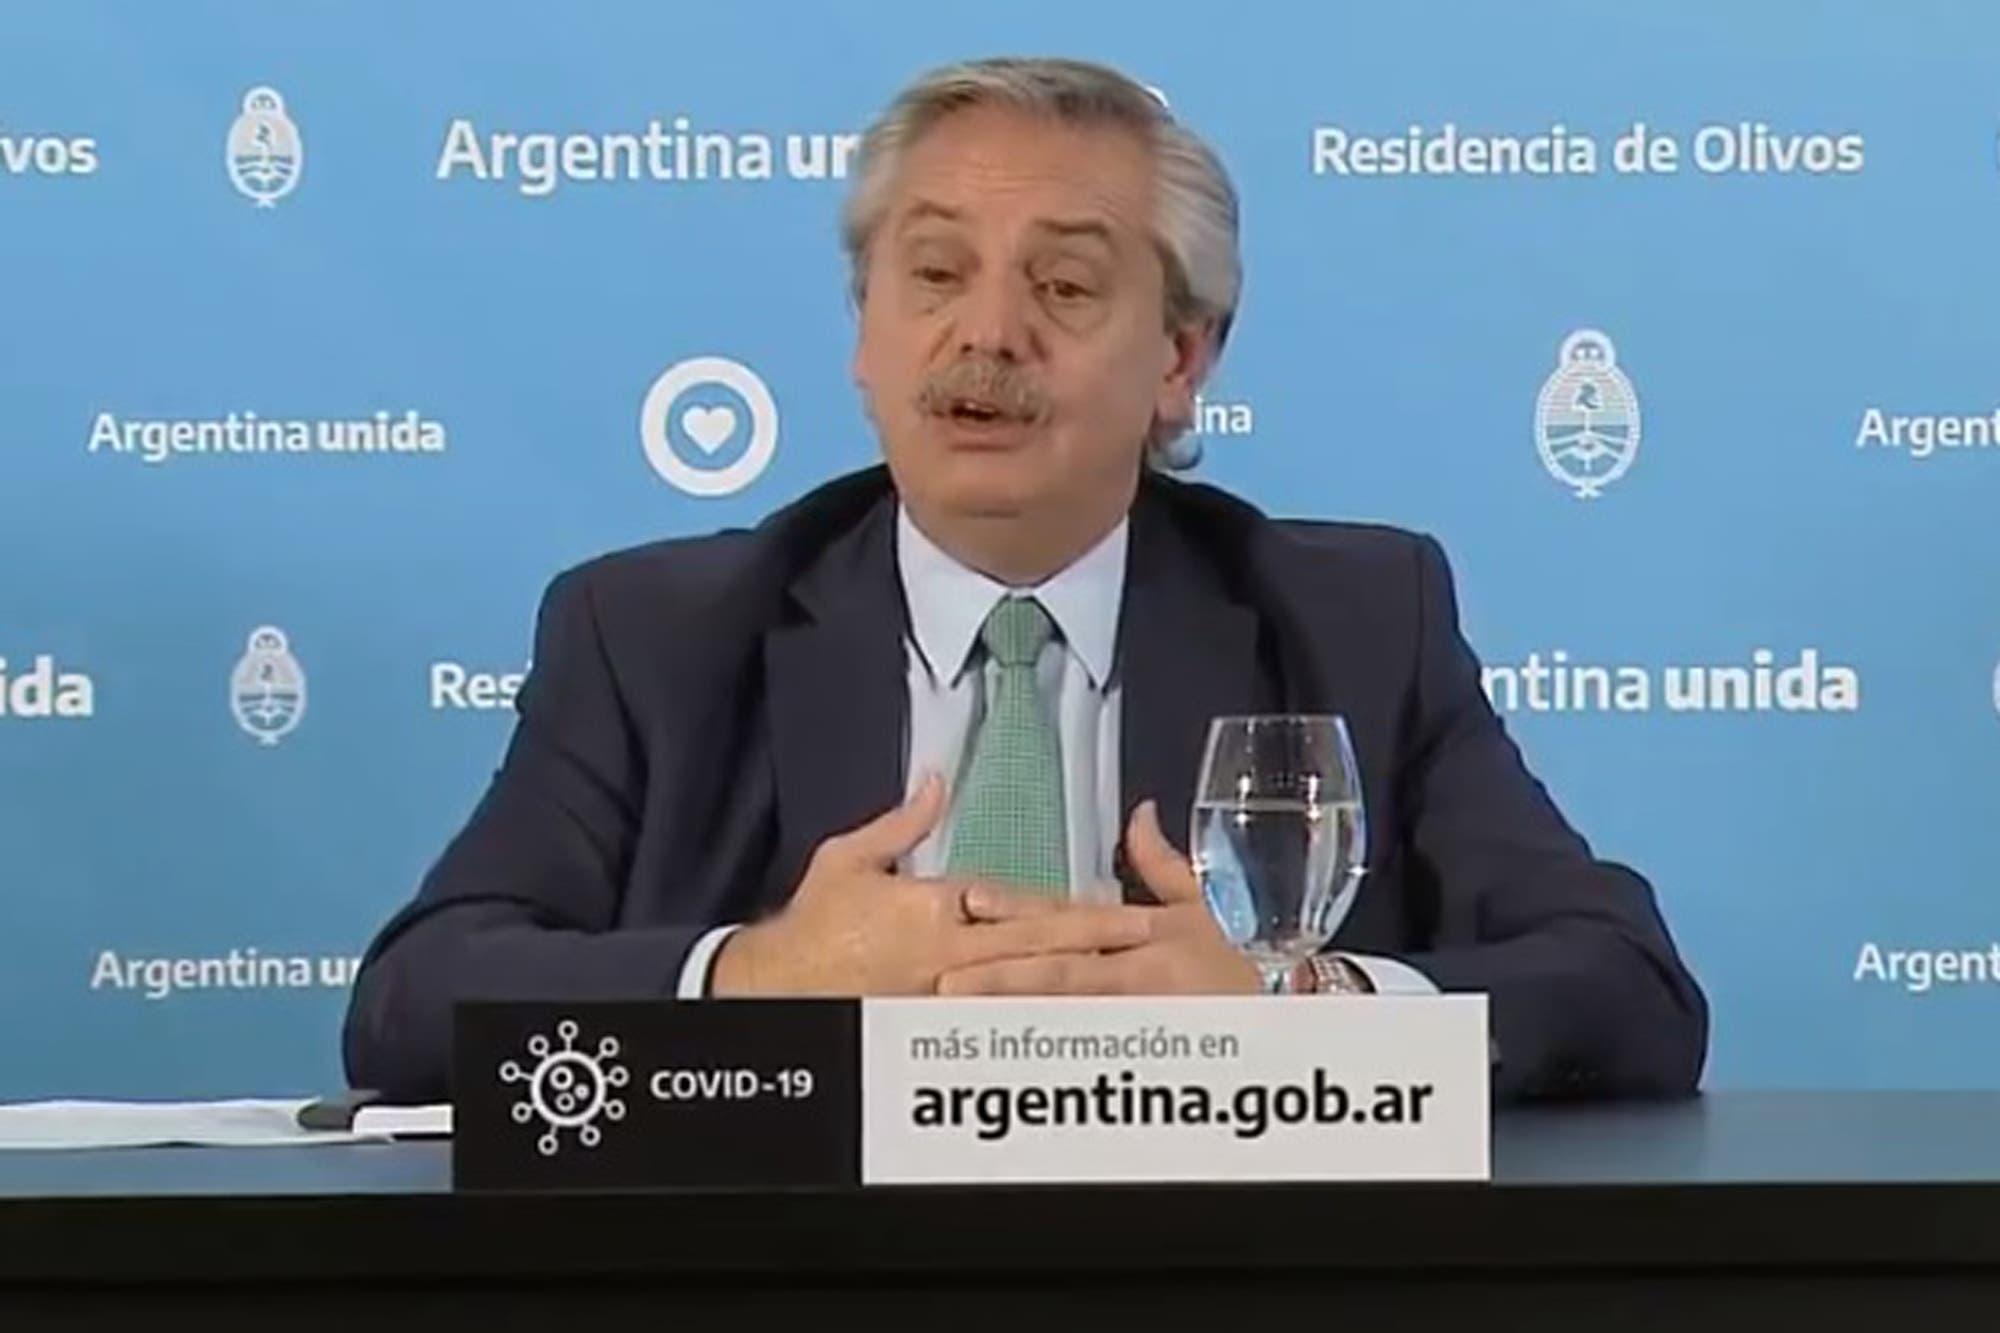 ¿A qué hora habla Alberto Fernández hoy para anunciar la extensión de la cuarentena?